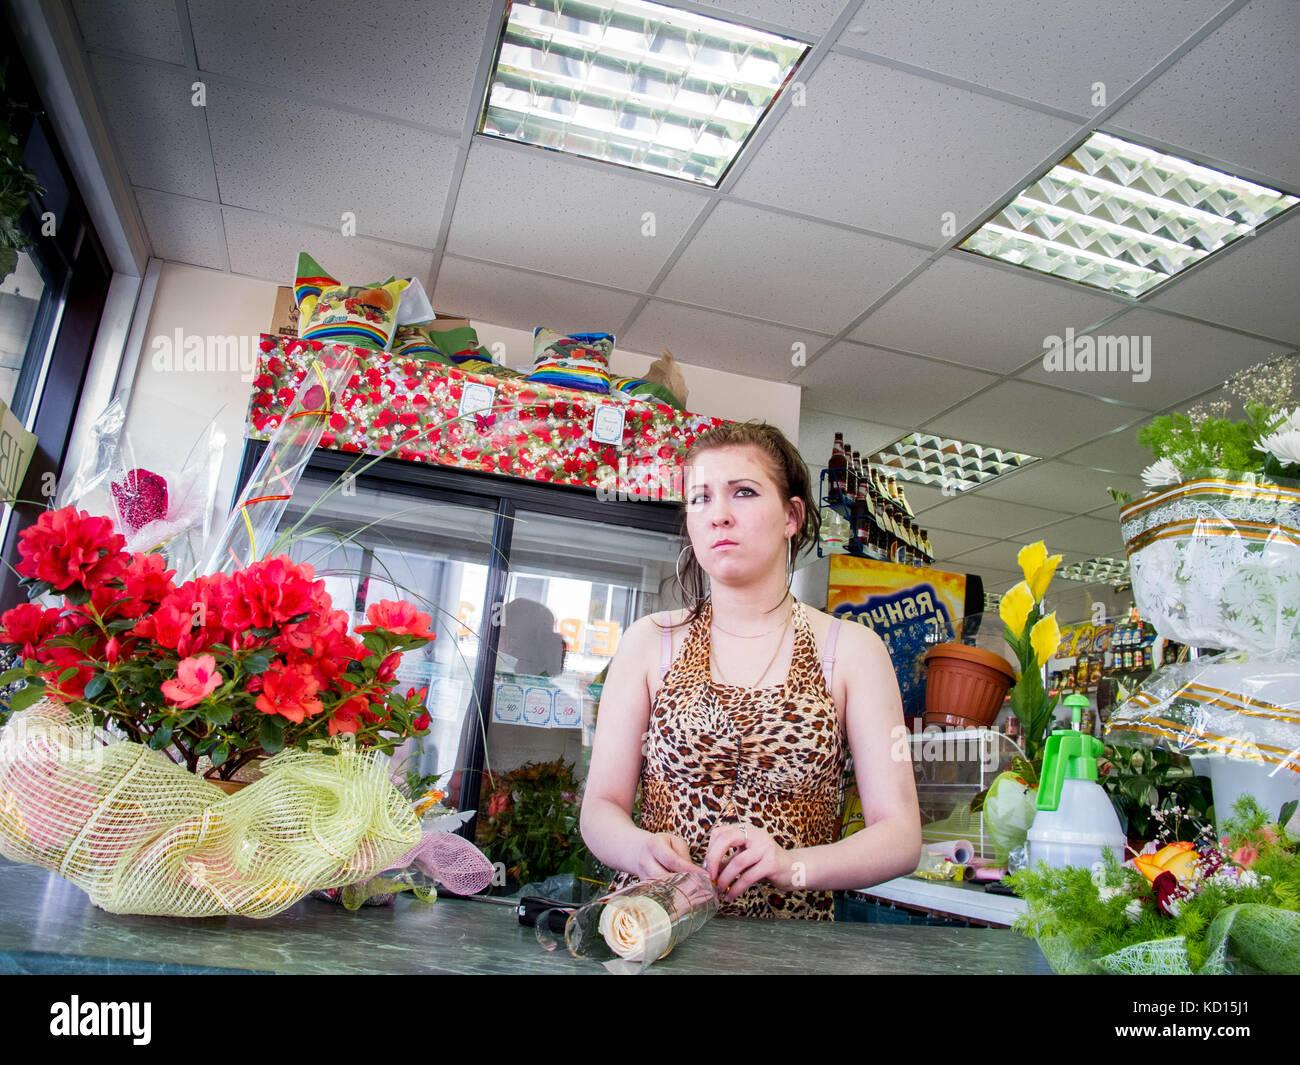 Fleuriste stock photos fleuriste stock images alamy for Fleuriste proche